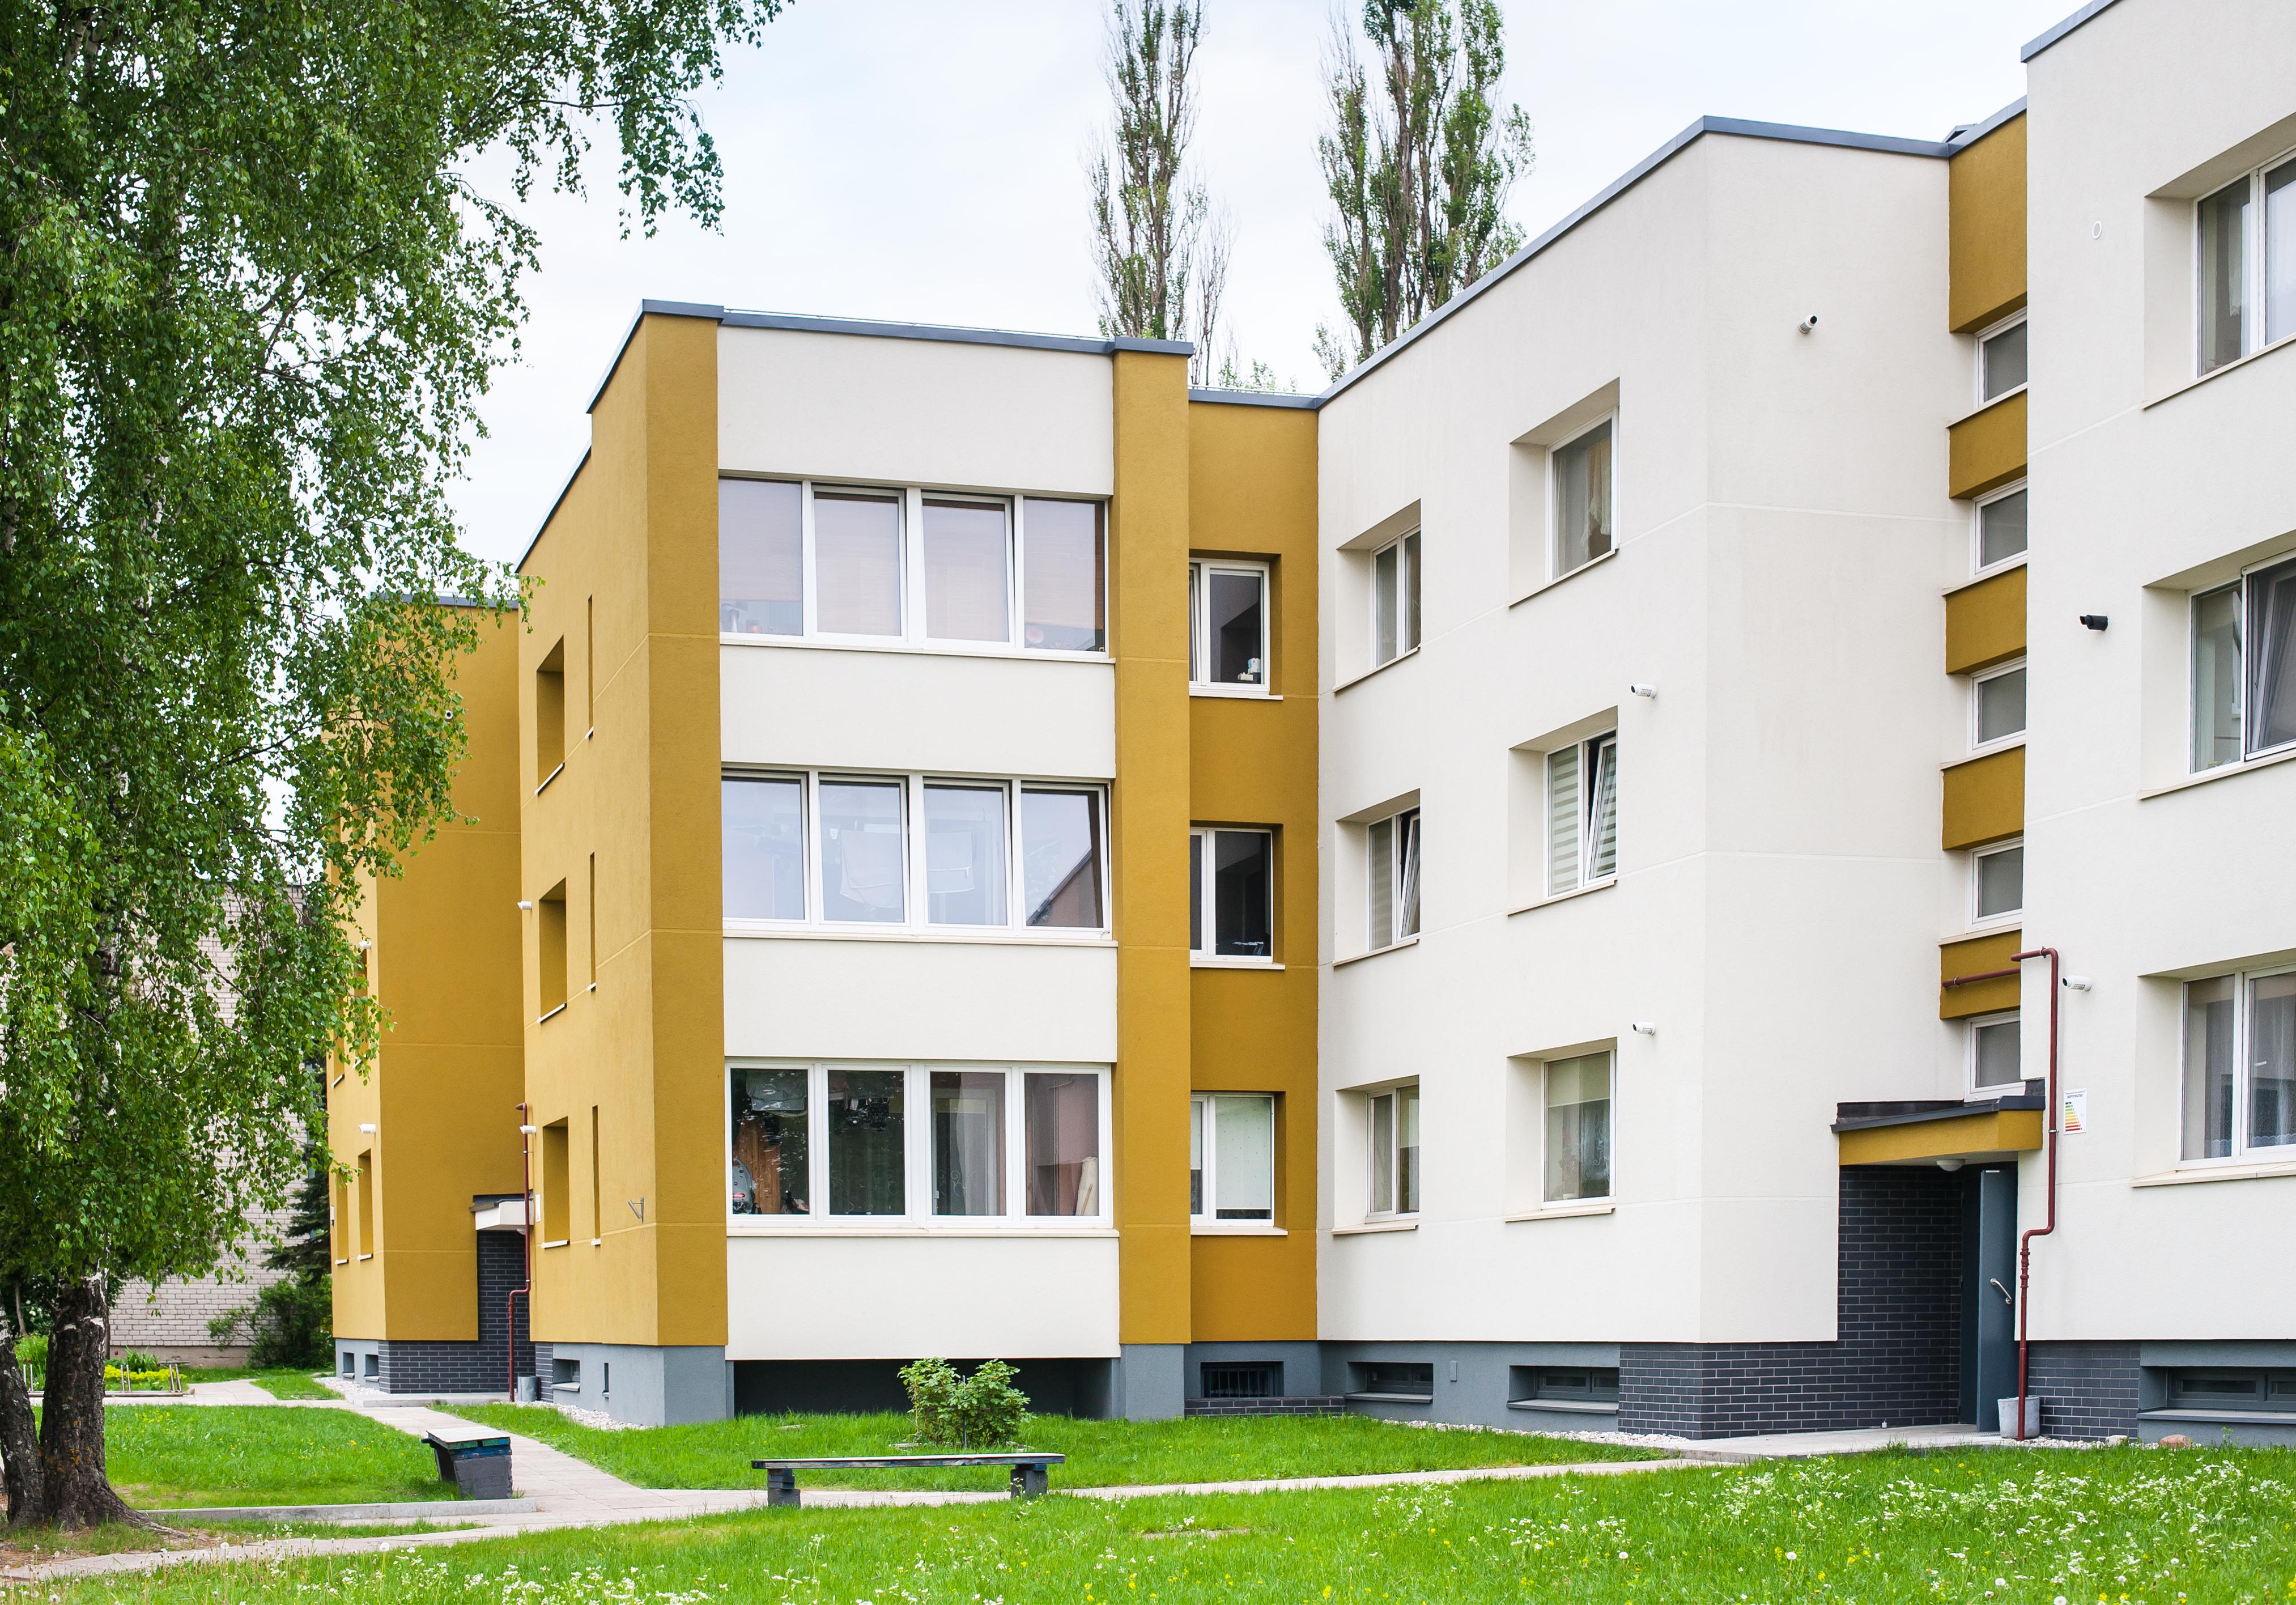 Daugiabučio gyvenamojo namo Kadagių g. 13, Klaipėdoje, atnaujinimo (modernizavimo) projektas